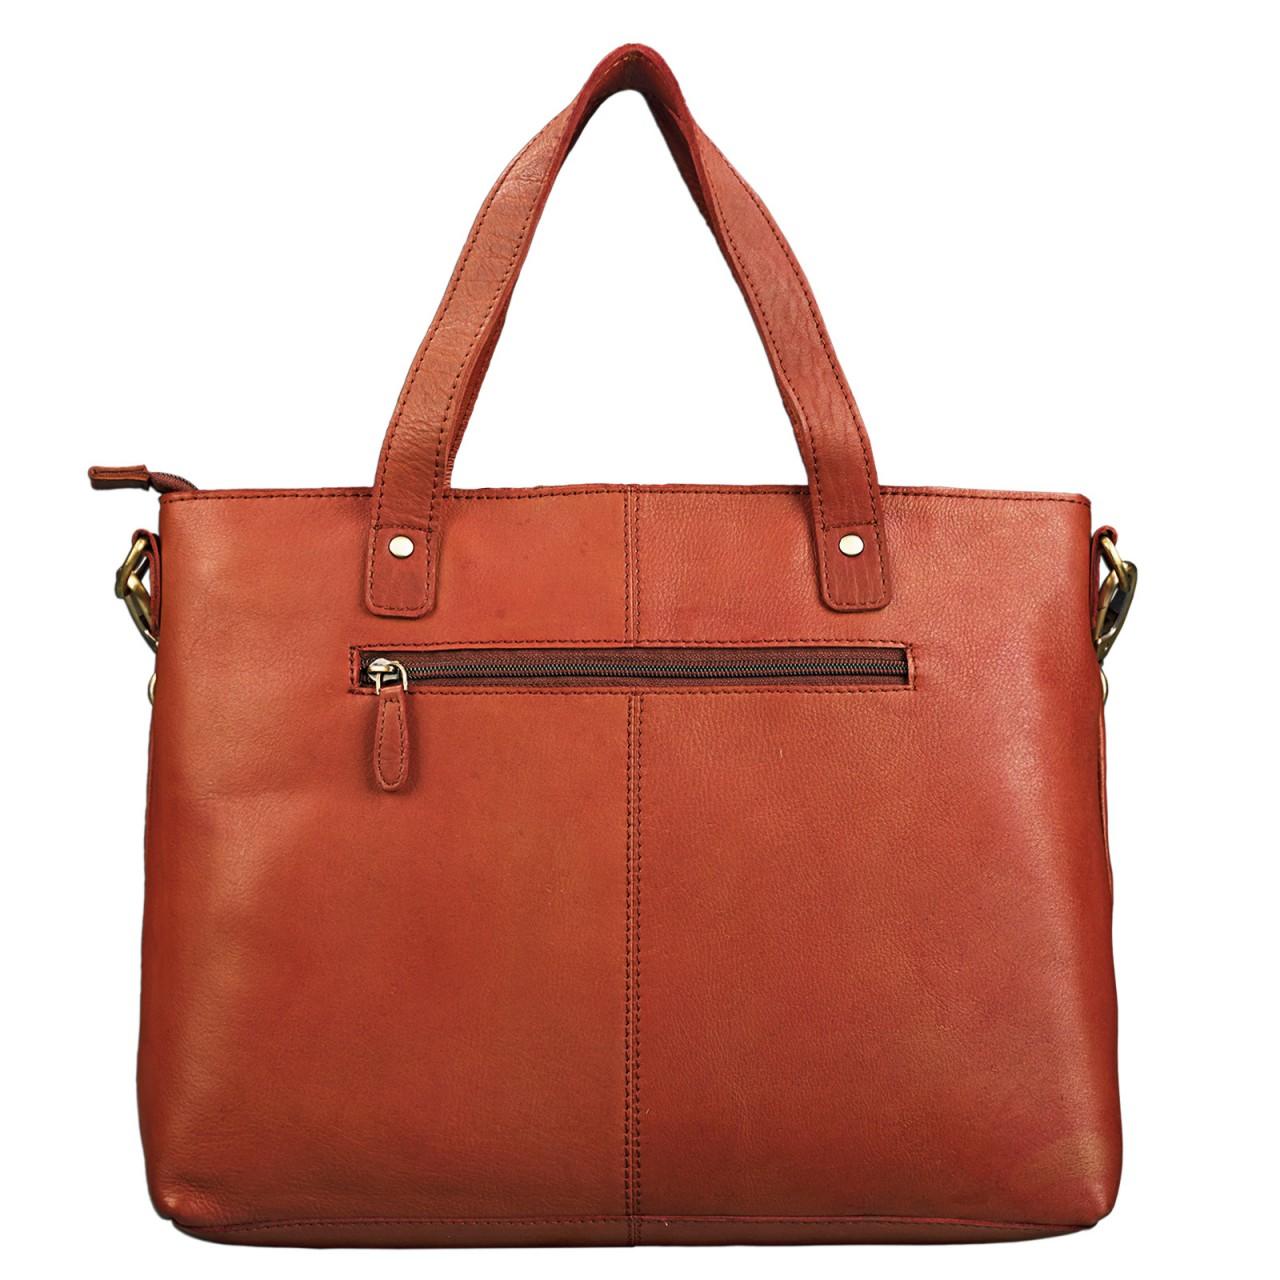 """STILORD """"Mara"""" Elegante Handtasche geflochtenes Leder mit abnehmbaren Schulterriemen Abendtasche Ausgehtasche Echtleder - Bild 13"""